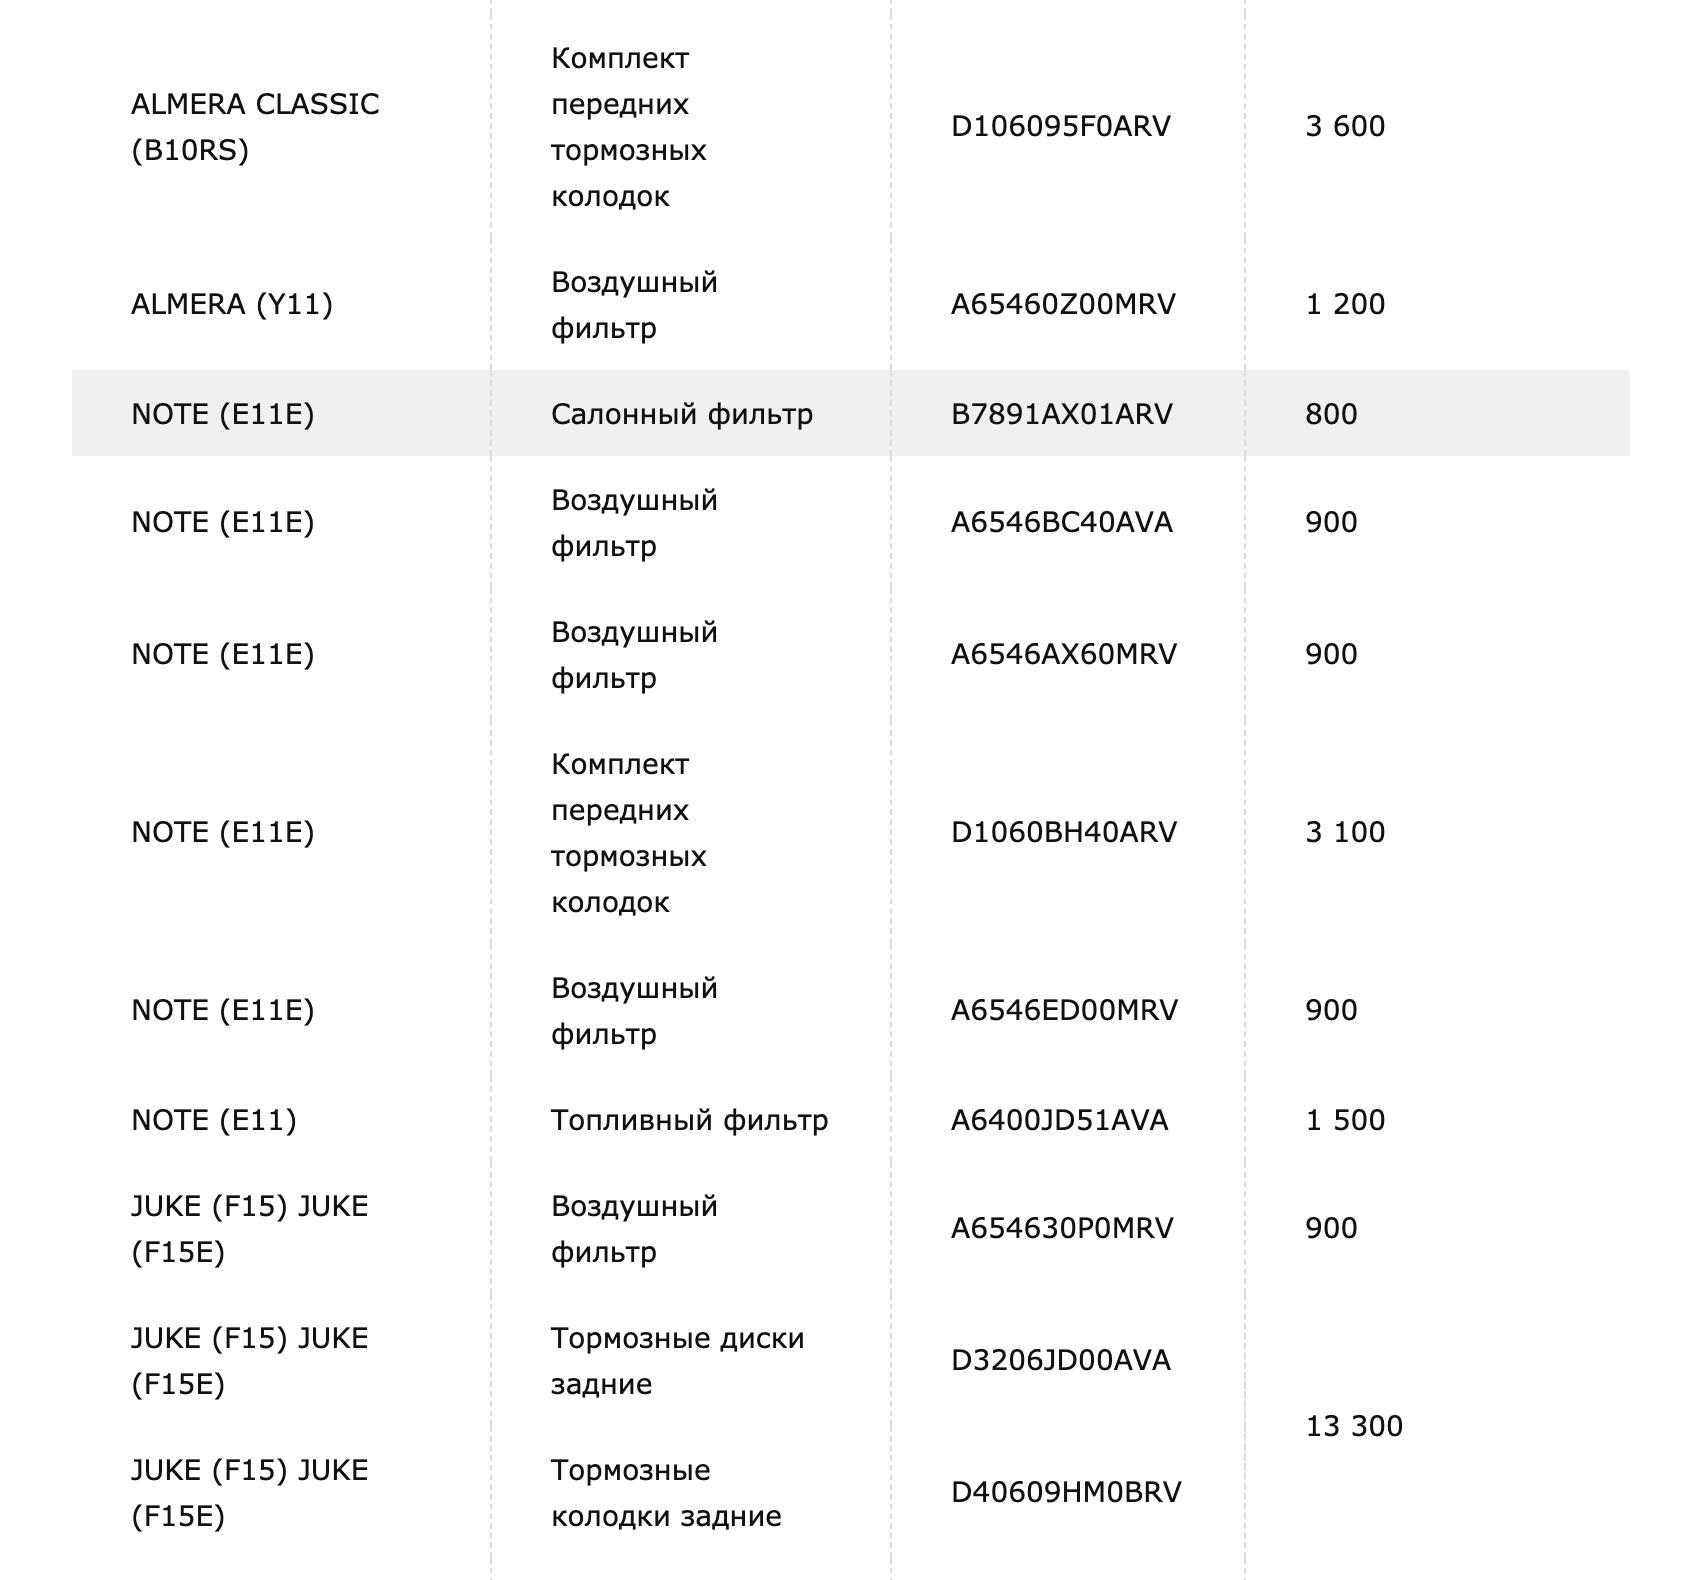 Стоимость салонного фильтра на сайте официальных дилеров